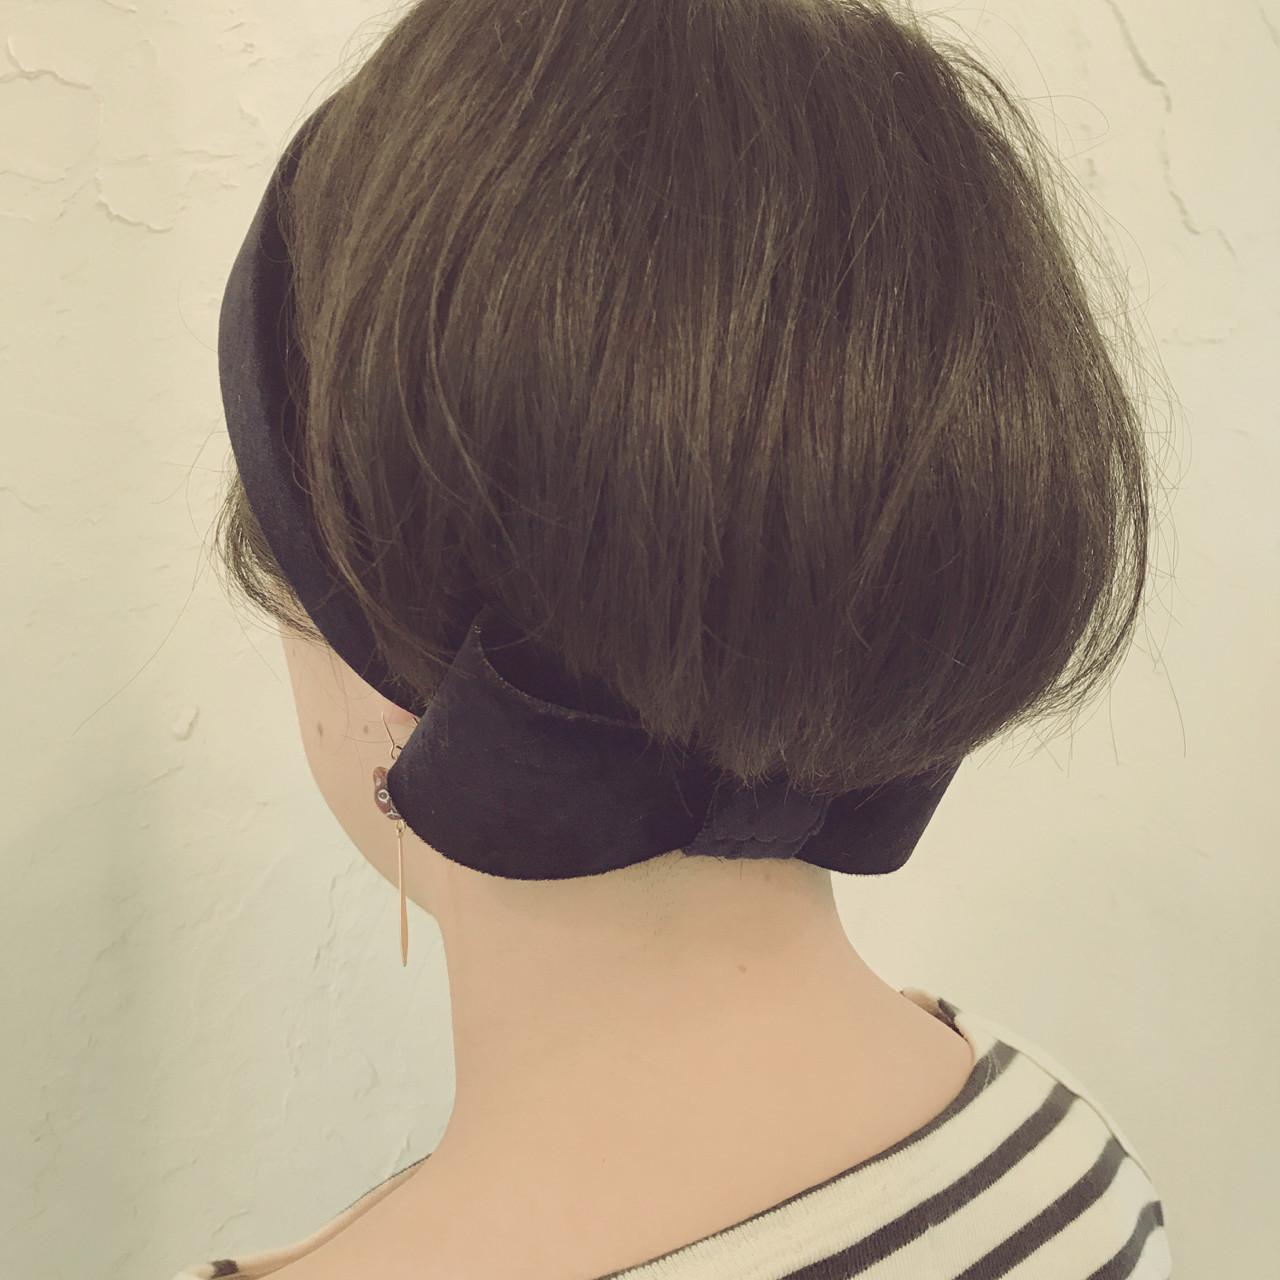 シンプル黒のヘアバンドでまとめ髪 kaoriFUMP 銀座